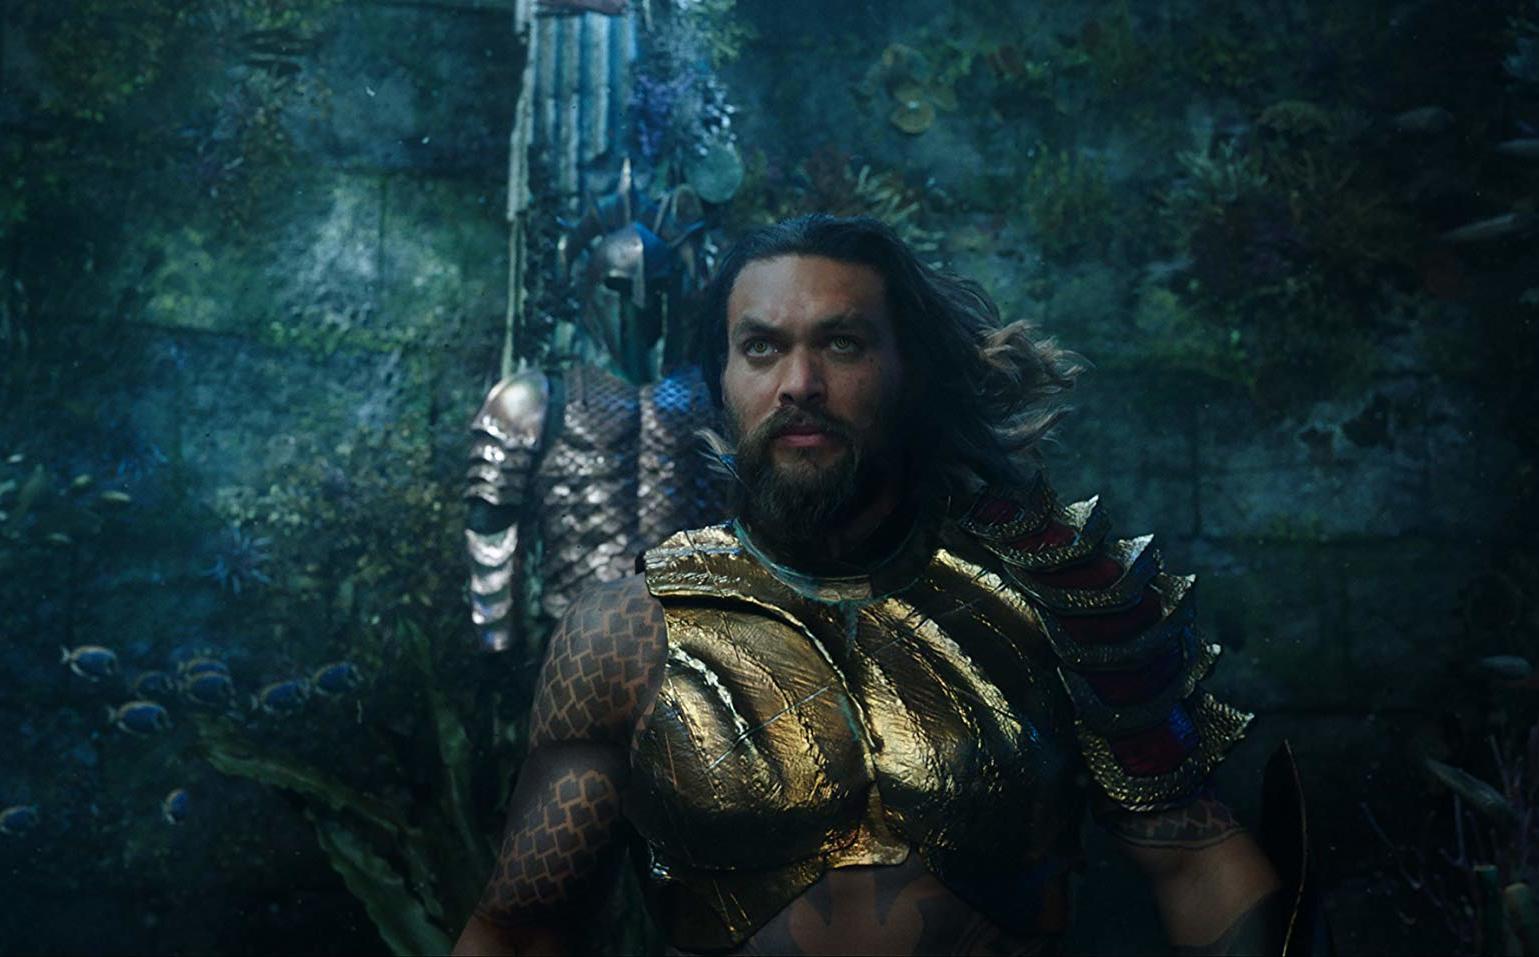 Ve aquí el estreno del trailer de Aquaman